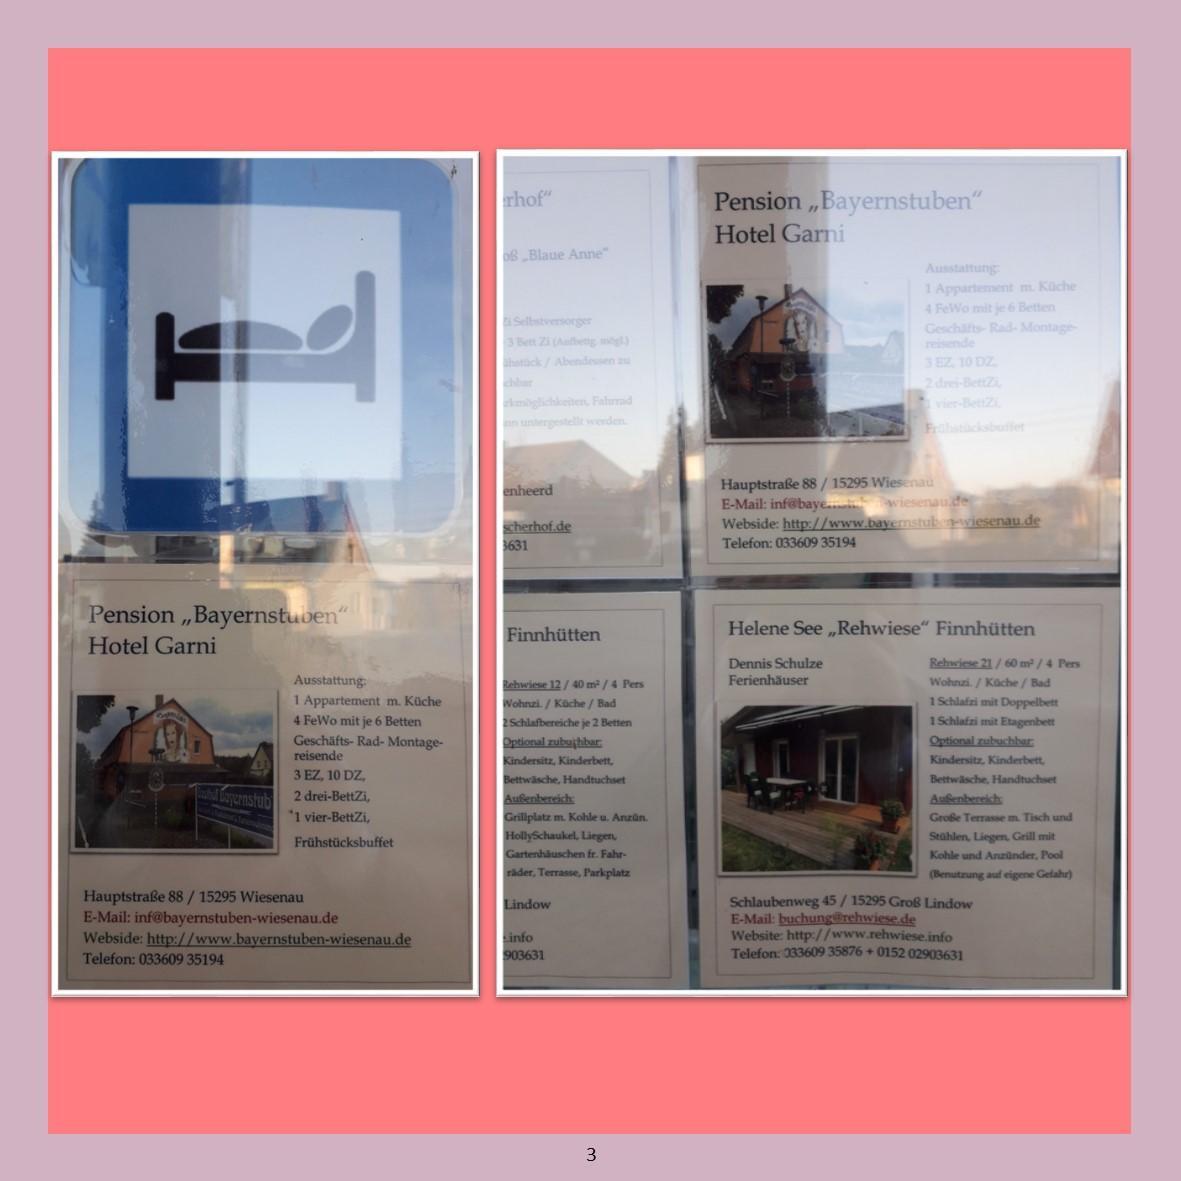 00_Broschüre_Bilder_Touristinformation 3